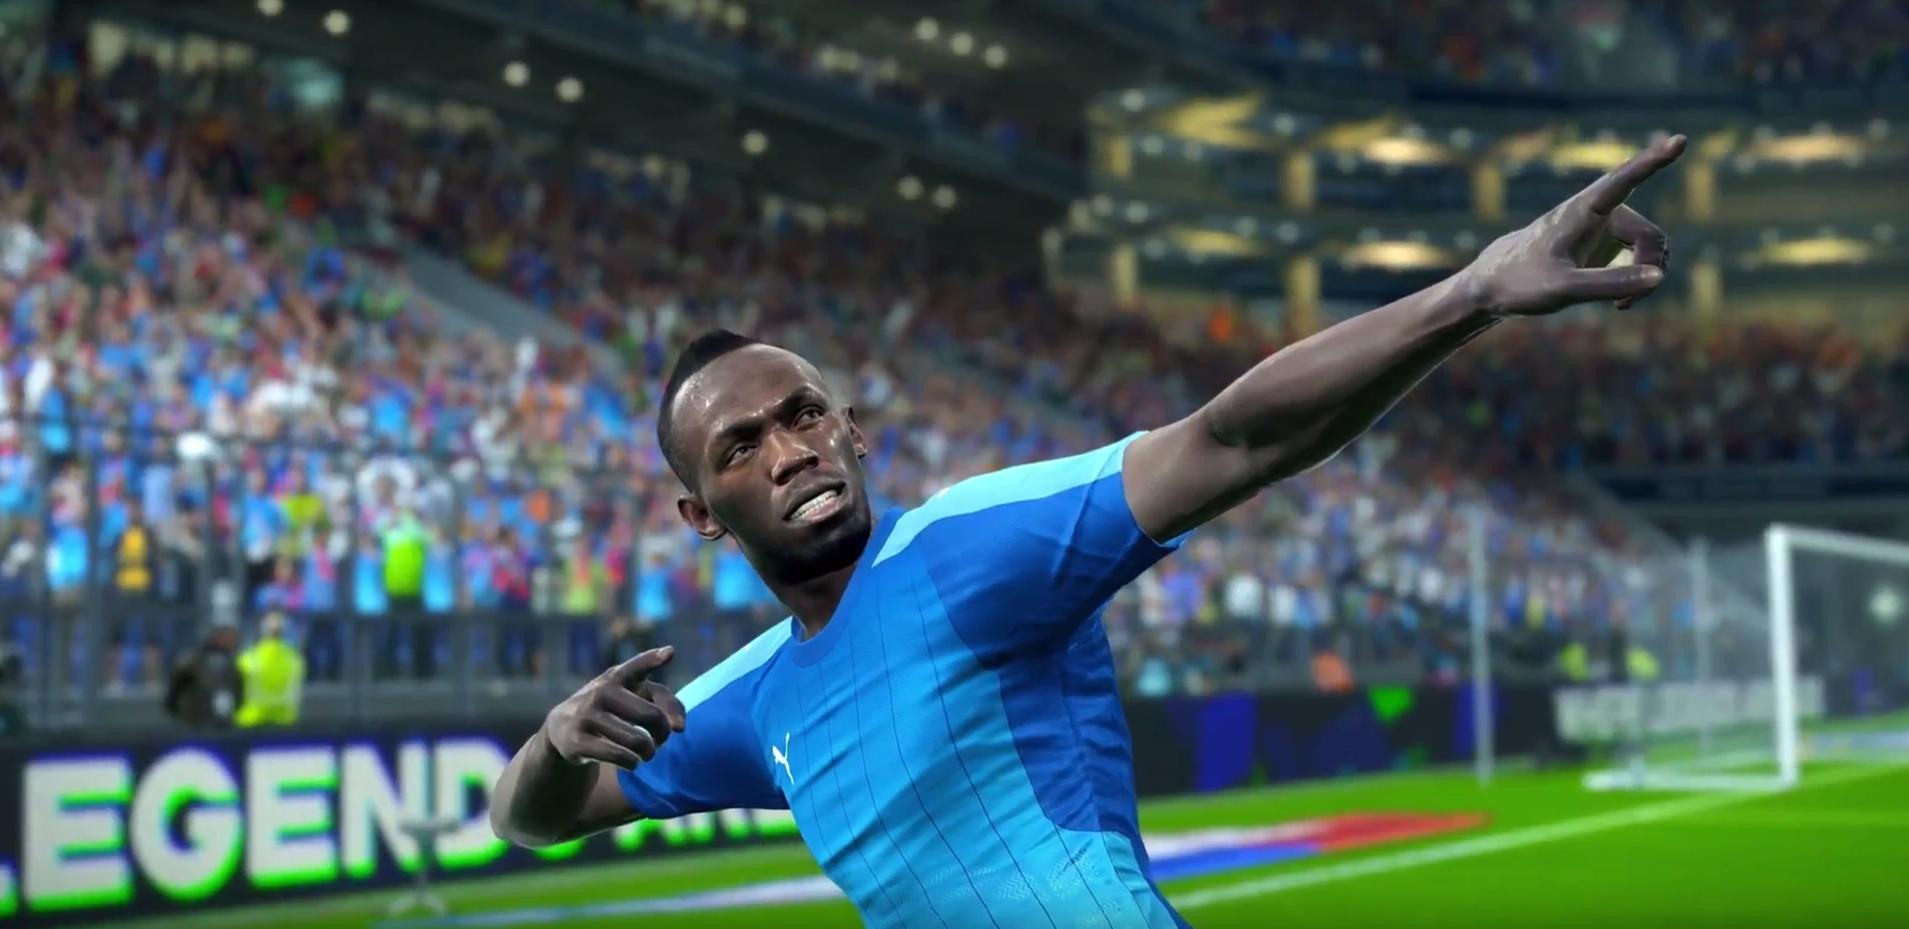 Usain Bolt ambasadorem PES 2018. Mistrz olimpijski będzie zawodnikiem w tegorocznej odsłonie serii